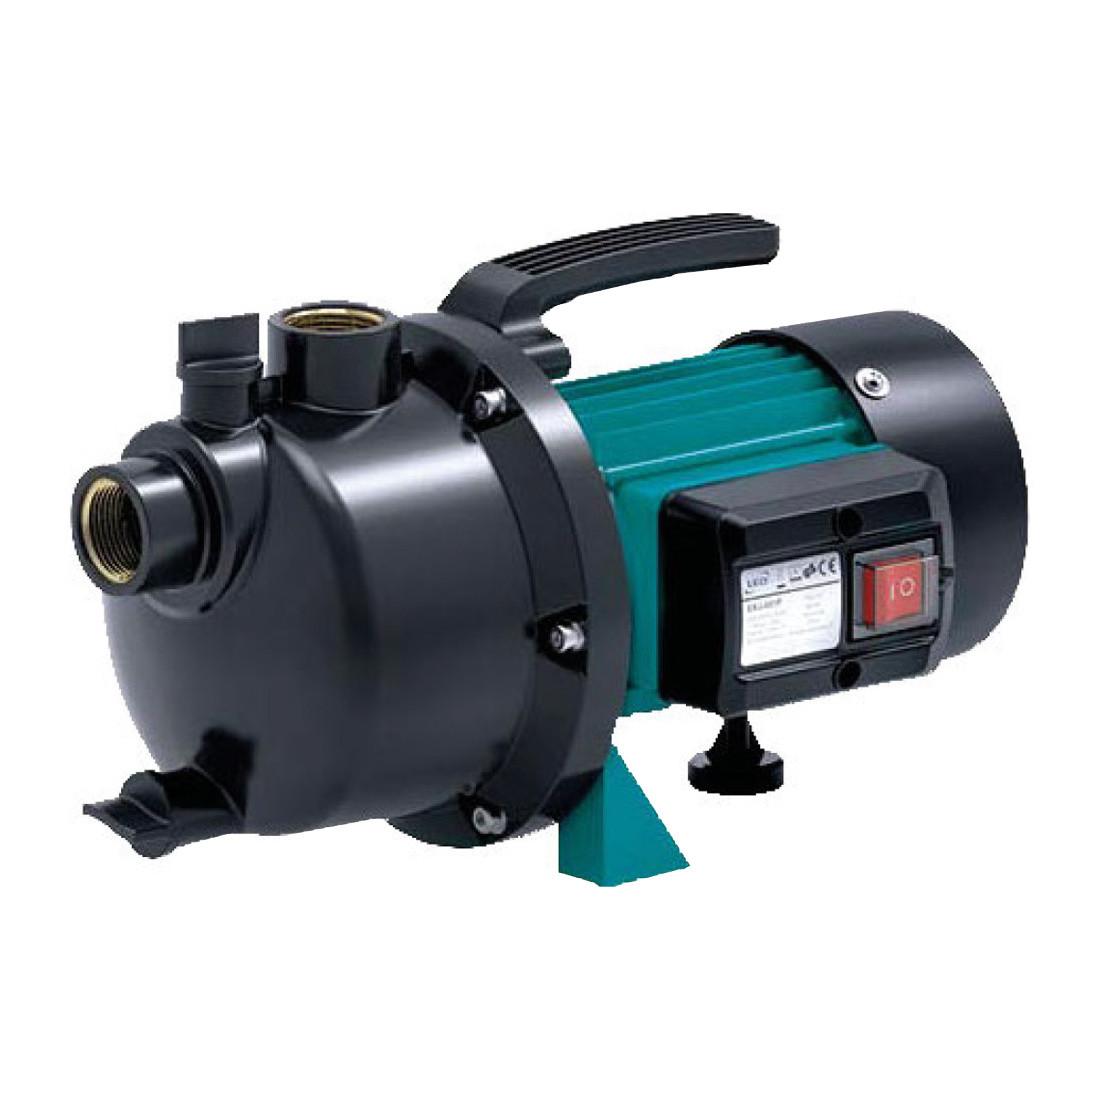 Leo EKJ802P (775307) - Насос відцентровий самовсмоктуючий (0.8 кВт Hmax 38м Qmax 58л/хв)